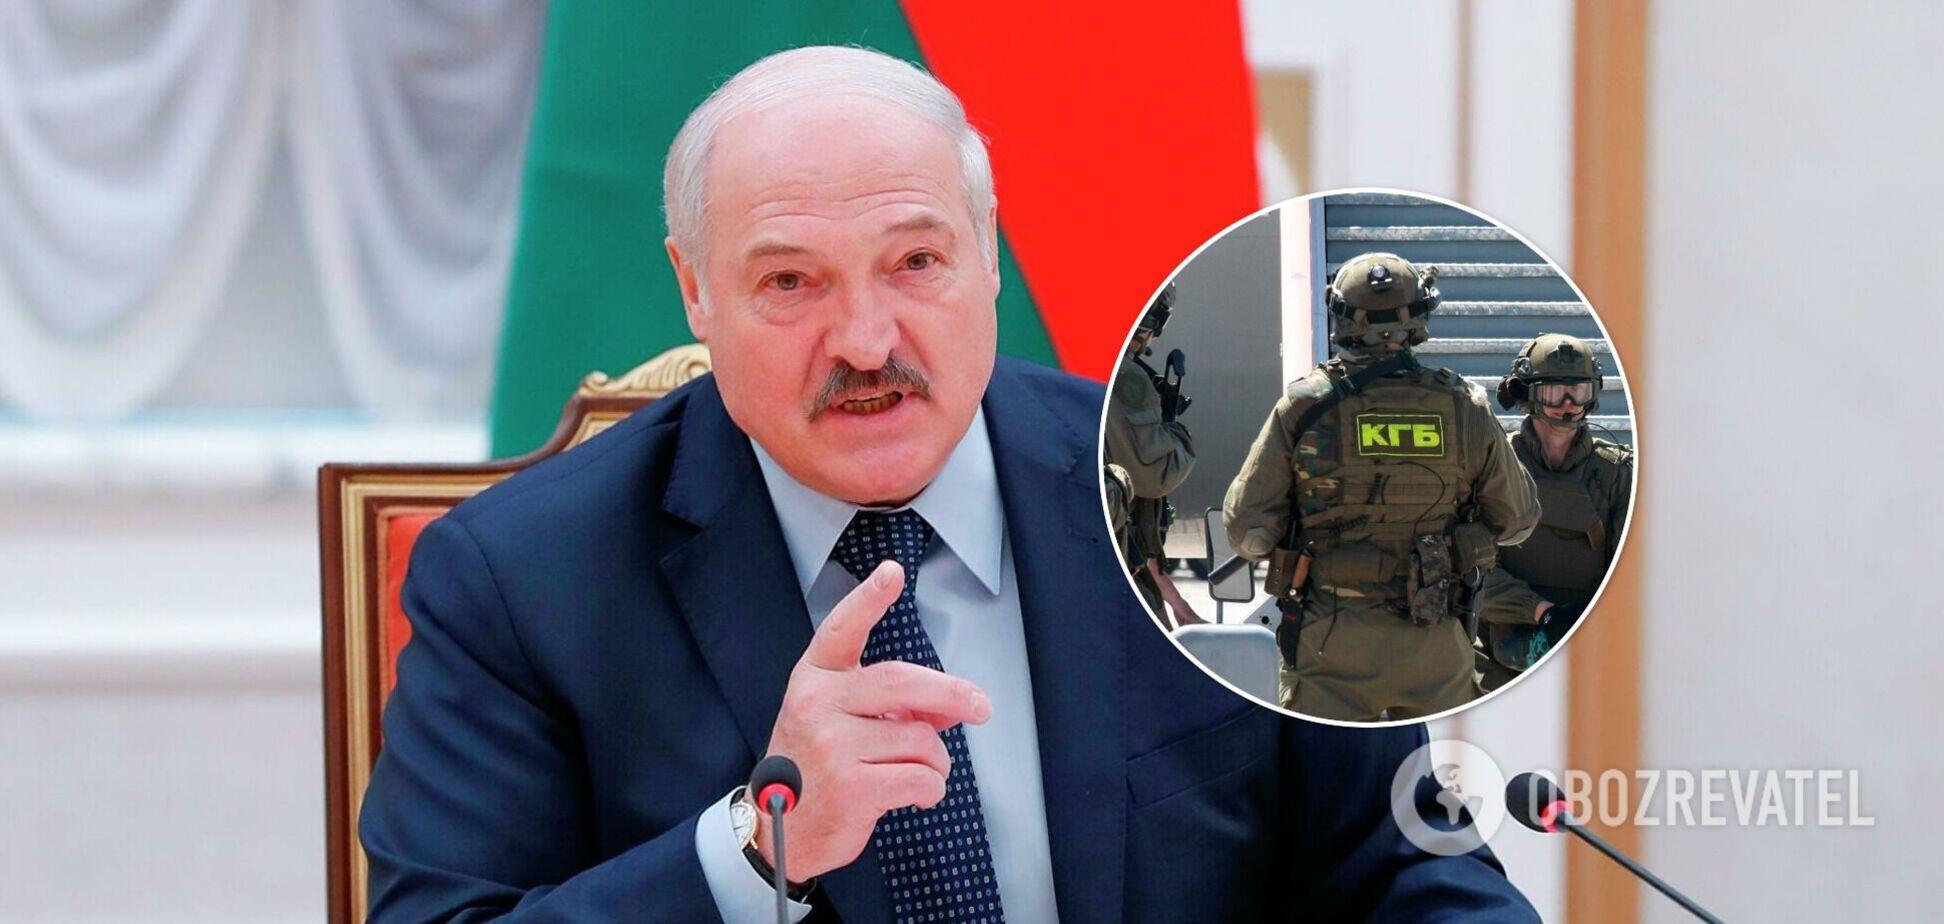 Лукашенко назвав прізвища затриманих 'терористів', які 'хотіли втекти в Україну'